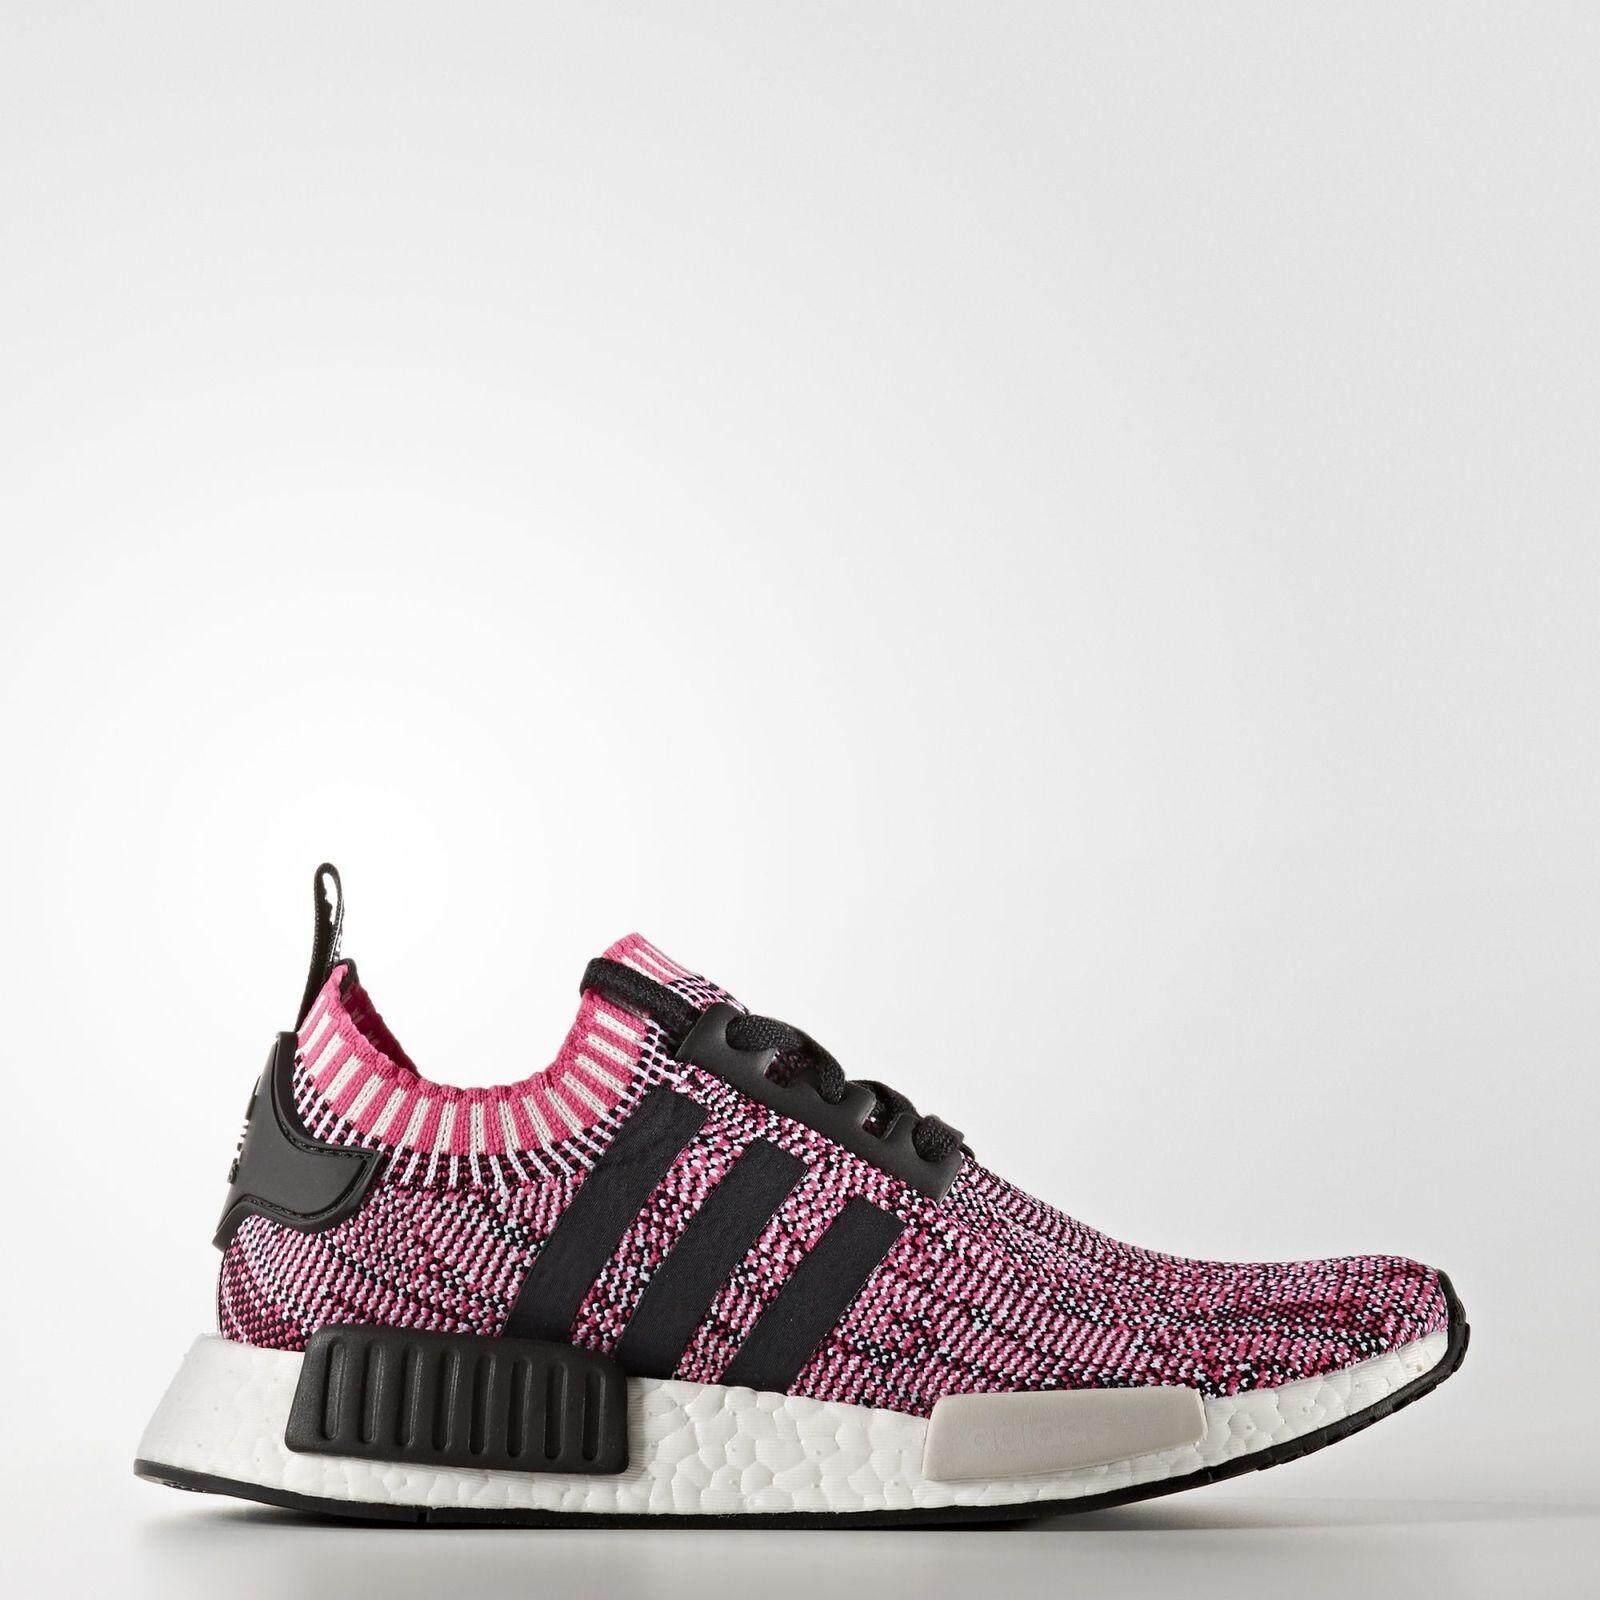 สอนใช้งาน  บุรีรัมย์ adidas Originals NMD R1 Shock Pink / Core Black